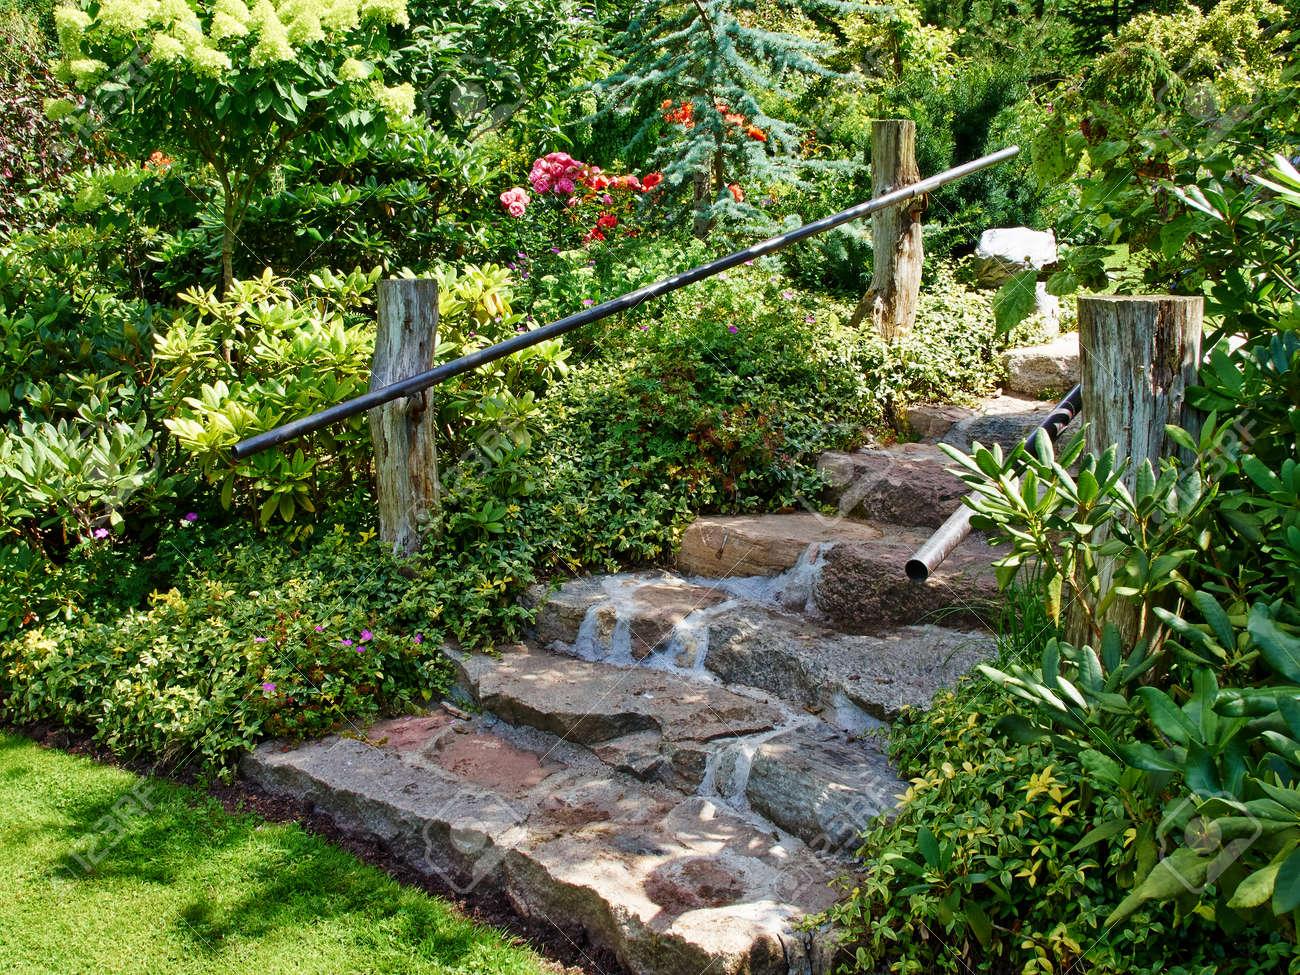 naturstein treppen landschaftsbau in schönen üppigen grünen